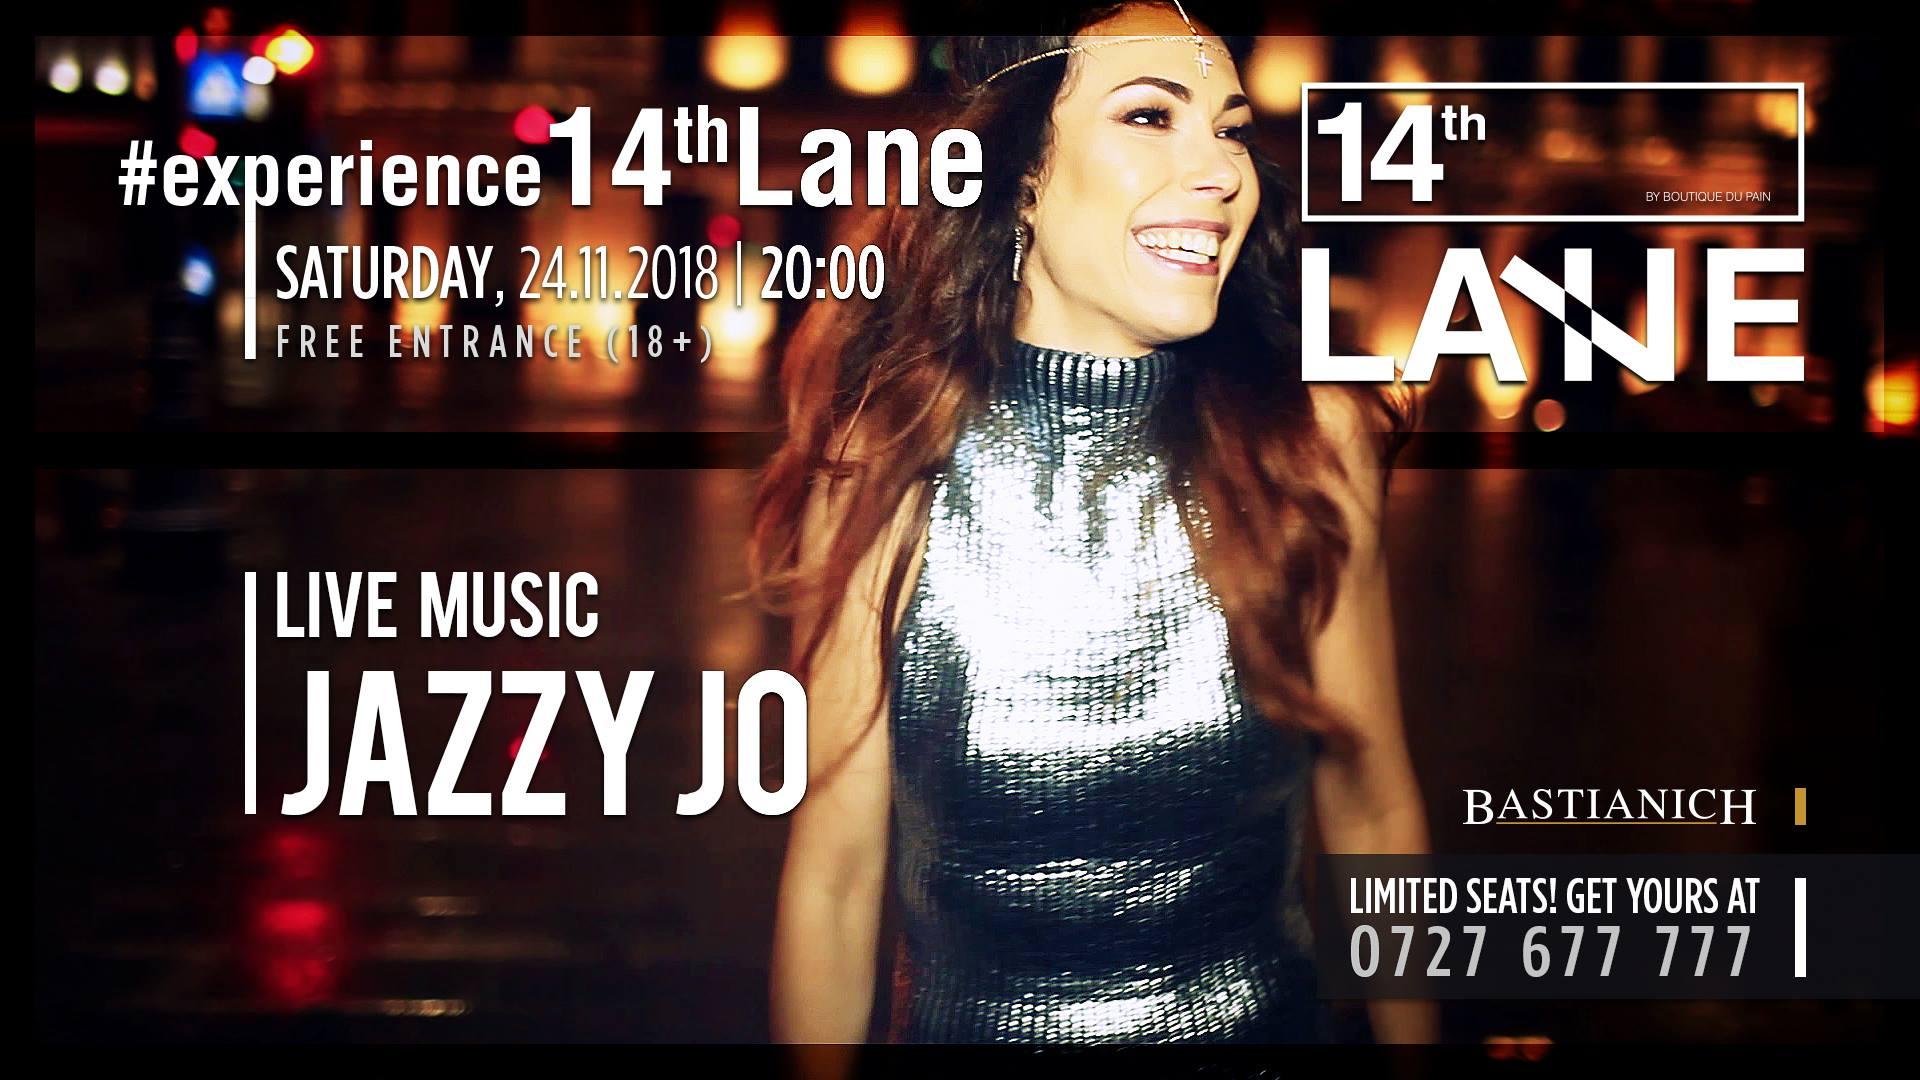 Jazzy Jo la 14thlane